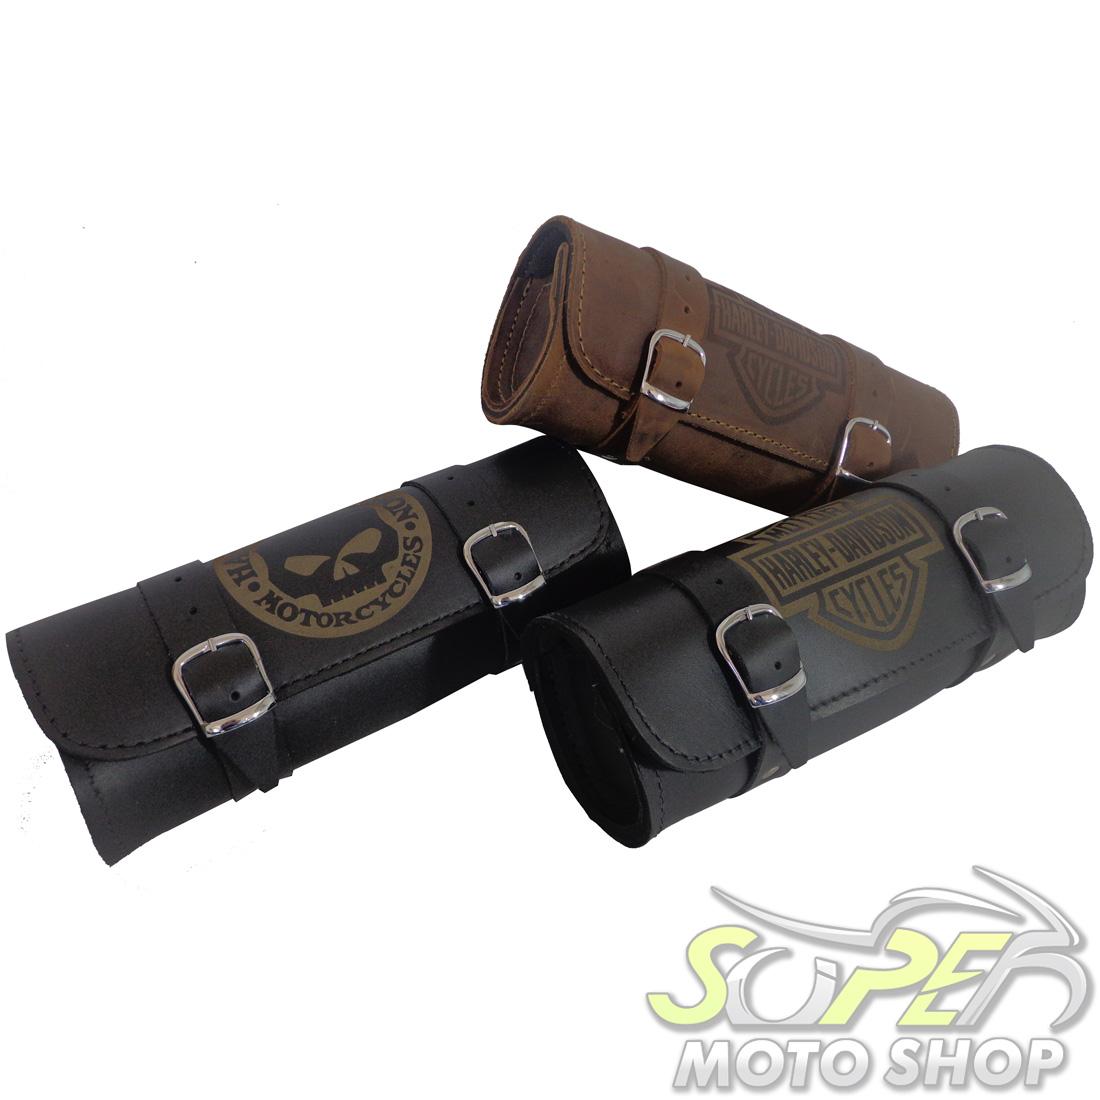 Porta Ferramentas Rider's Classic em Couro Modelo 30cm com Gravação - Universal